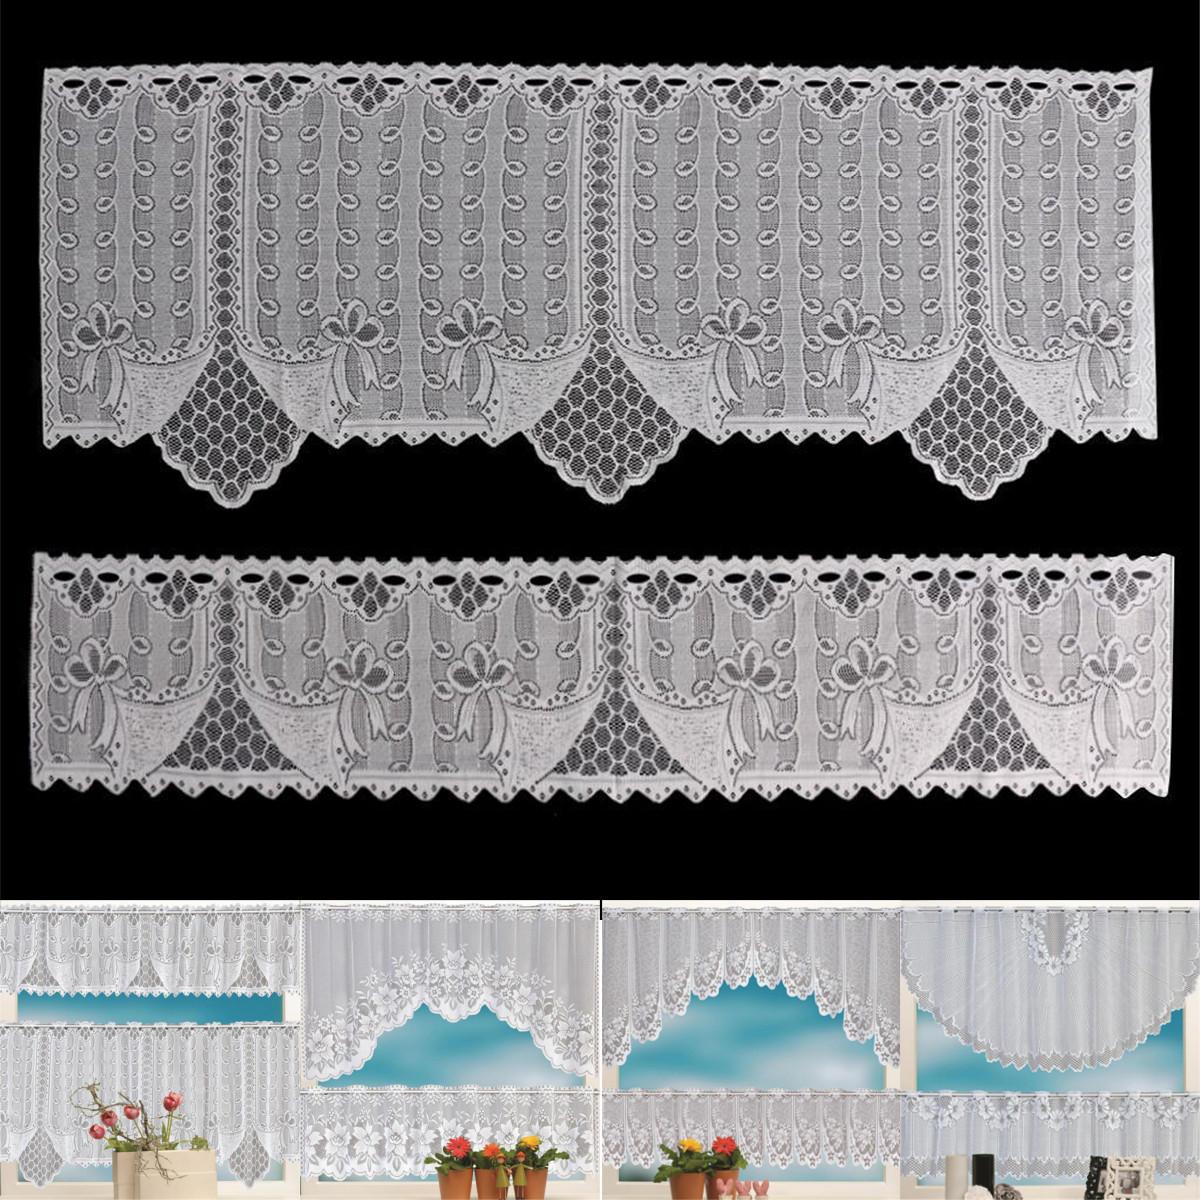 Full Size of Blickdichte Vorhänge Küche Vintage Vorhänge Küche Vorhänge Küche Landhausstil Vorhänge Küche Ideen Modern Küche Vorhänge Küche